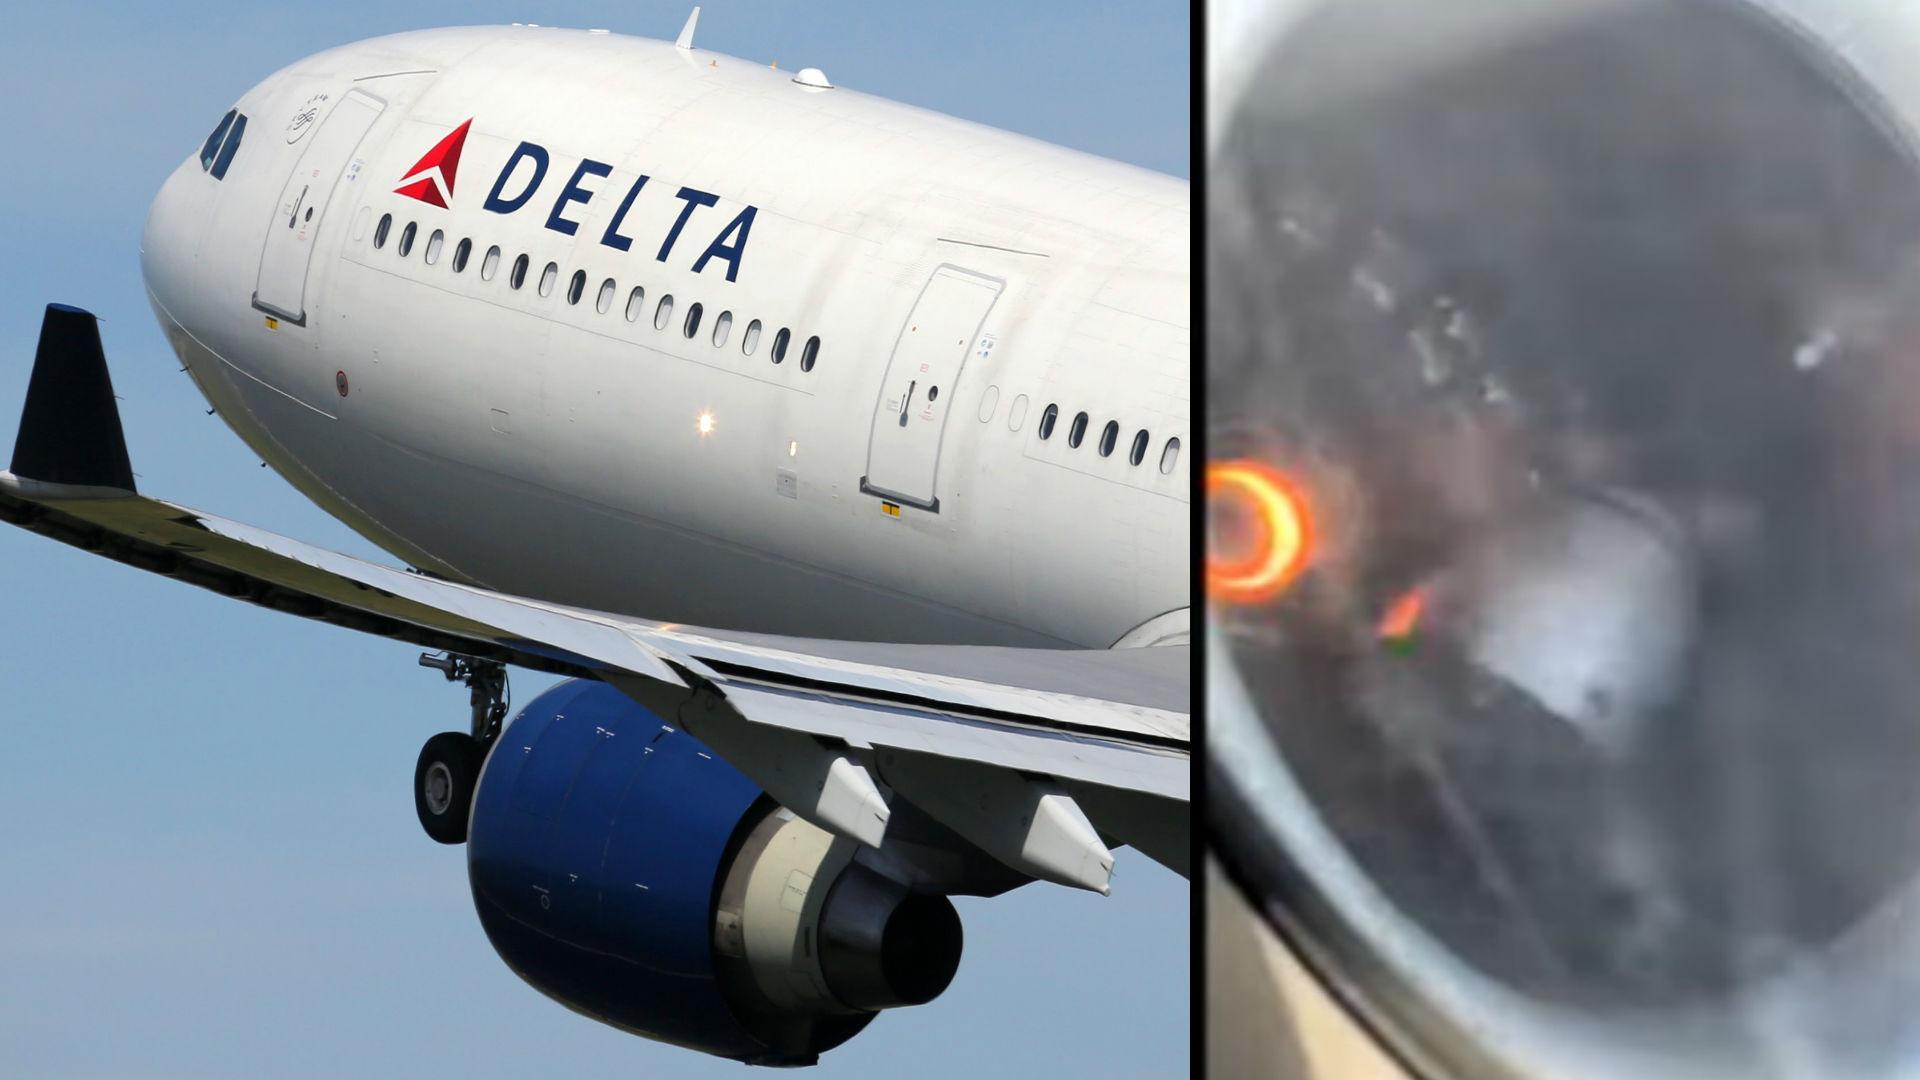 आसमान में डेल्टा एयरलाइंस के विमान के इंजन में लगी आग, फिर कैसे बचे 150 यात्री? देखिए वीडियो